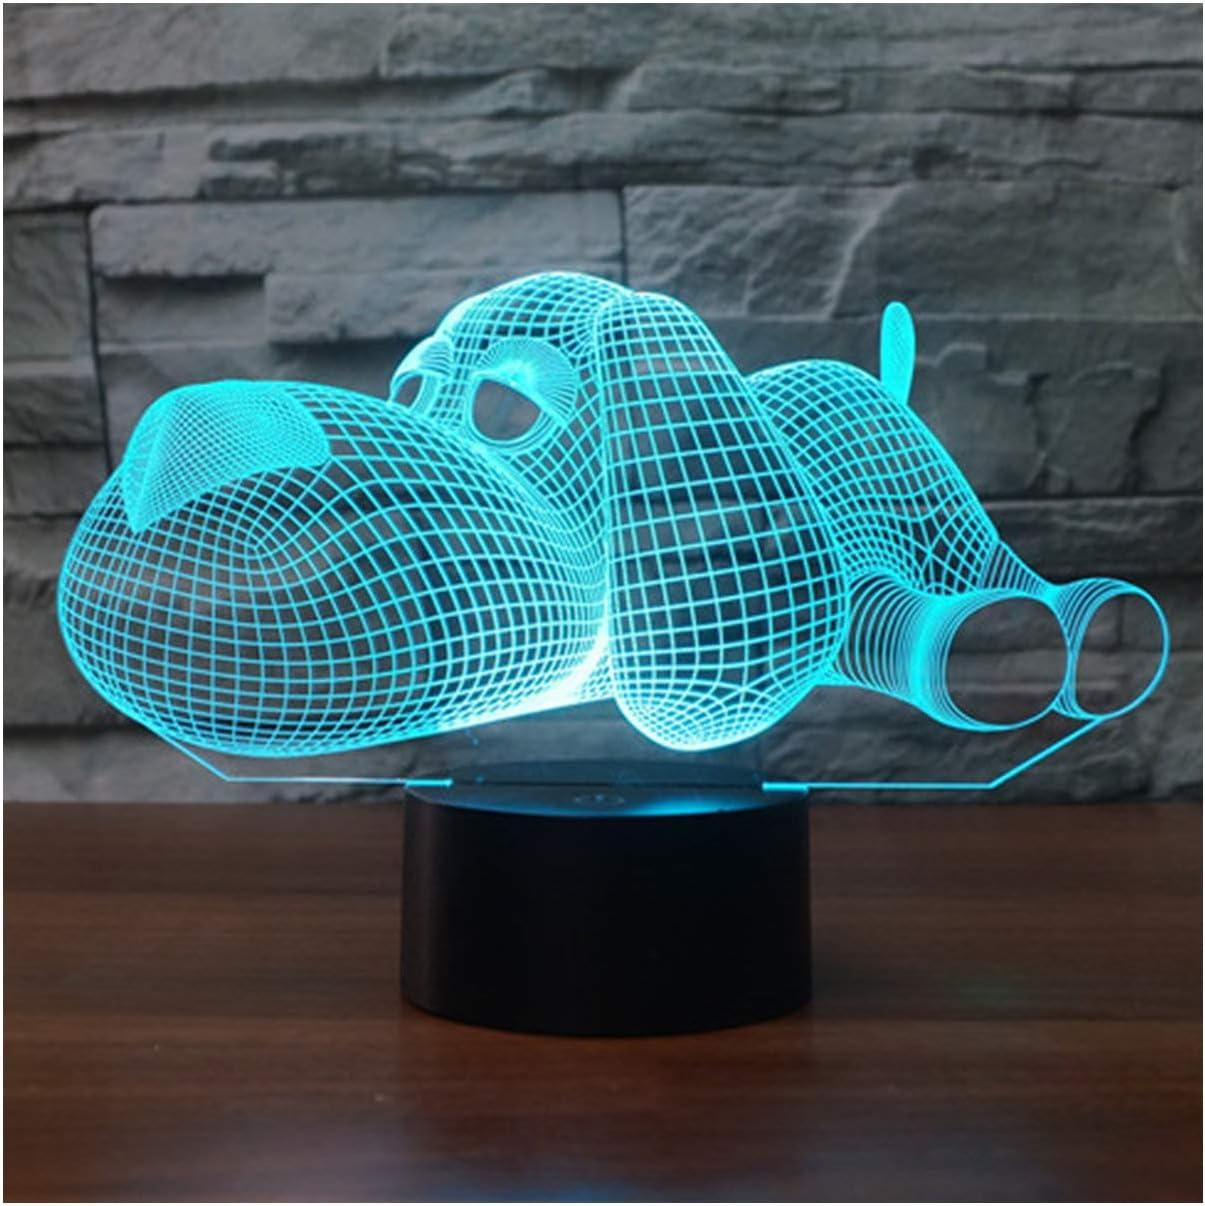 chargeur USB veilleuse de bureau pour enfants cadeau cheval interrupteur tactile amis lampe de bureau /à LED tactile 7 couleurs changeantes Veilleuse /à illusion doptique 3D